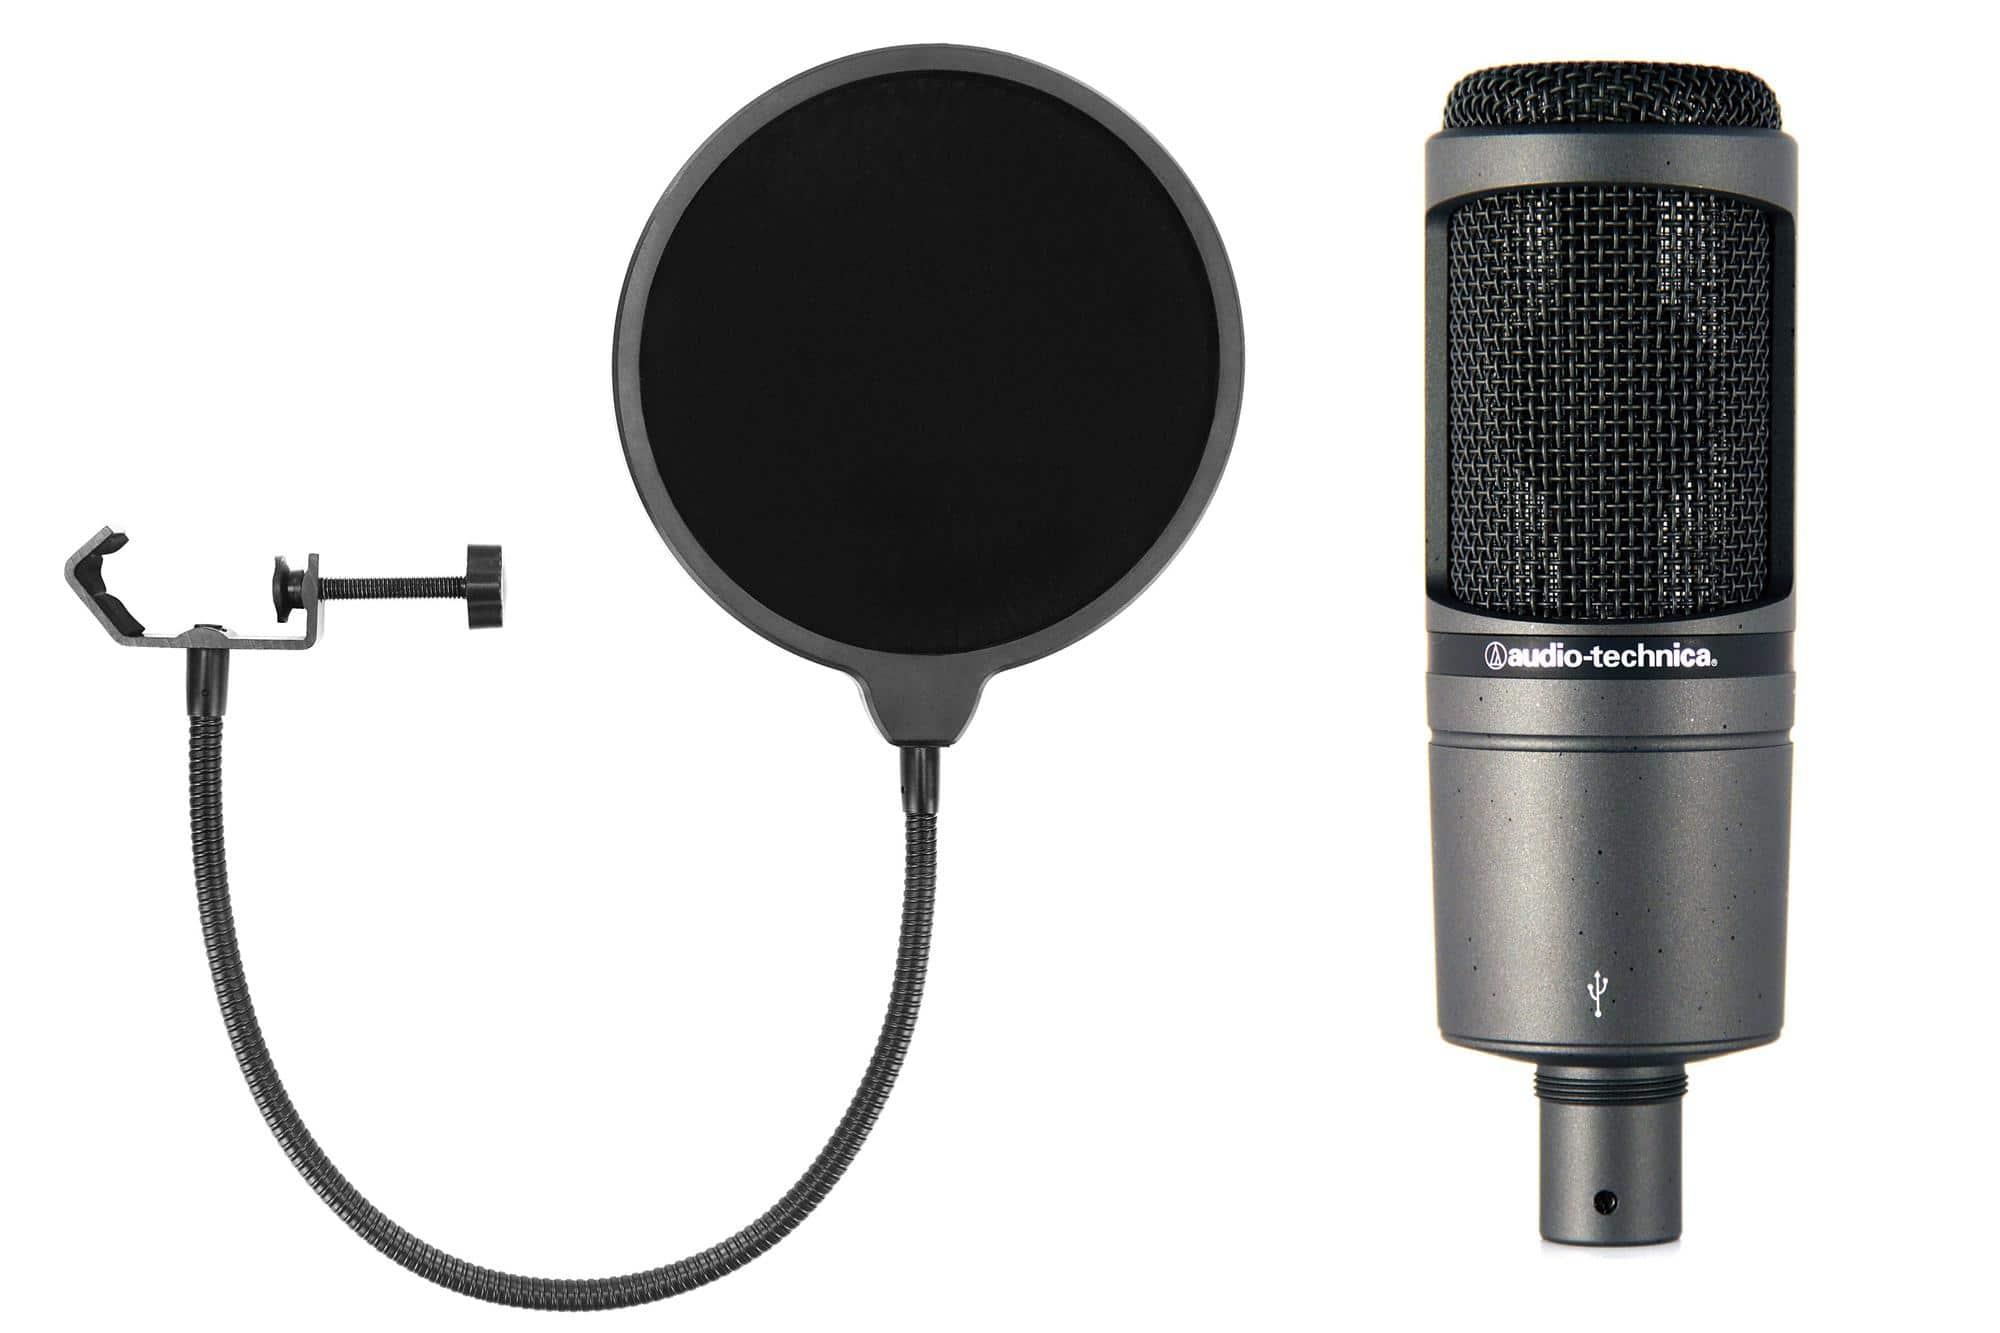 Mikrofone - Audio Technica AT2020USB Kondensatormikrofon Set inkl. Popkiller - Onlineshop Musikhaus Kirstein